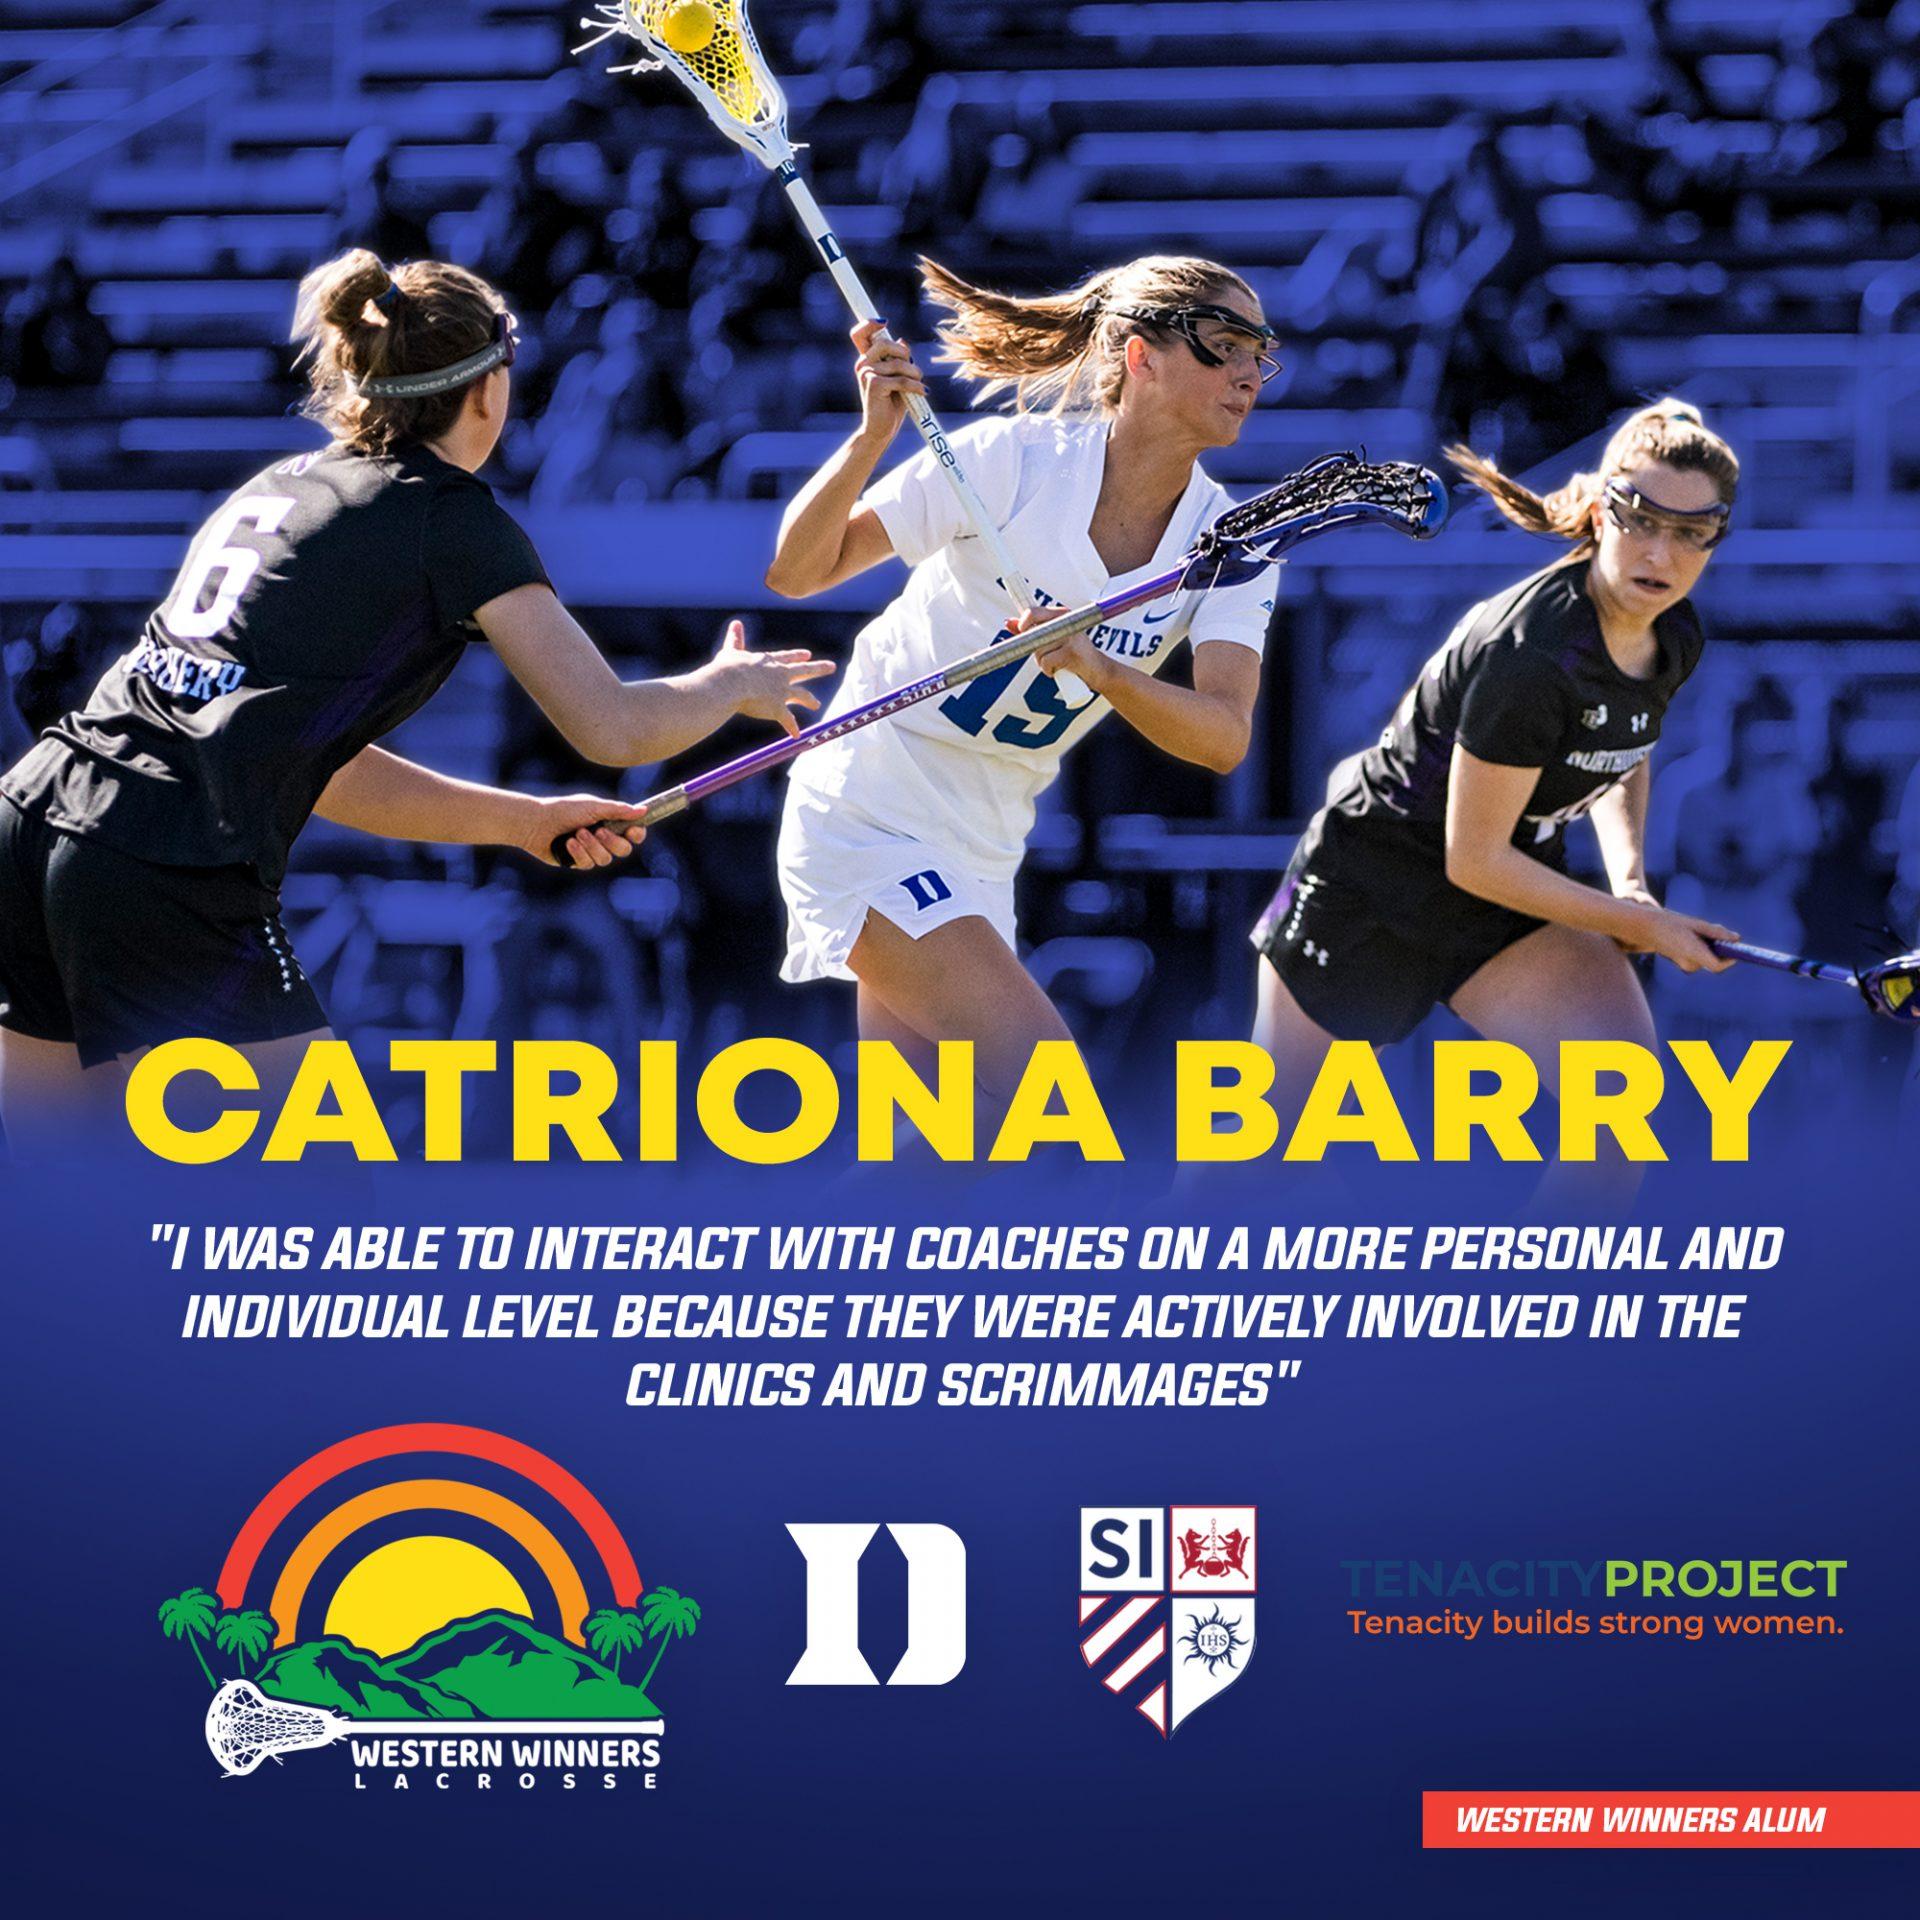 Women of Western Winners: Catriona Barry